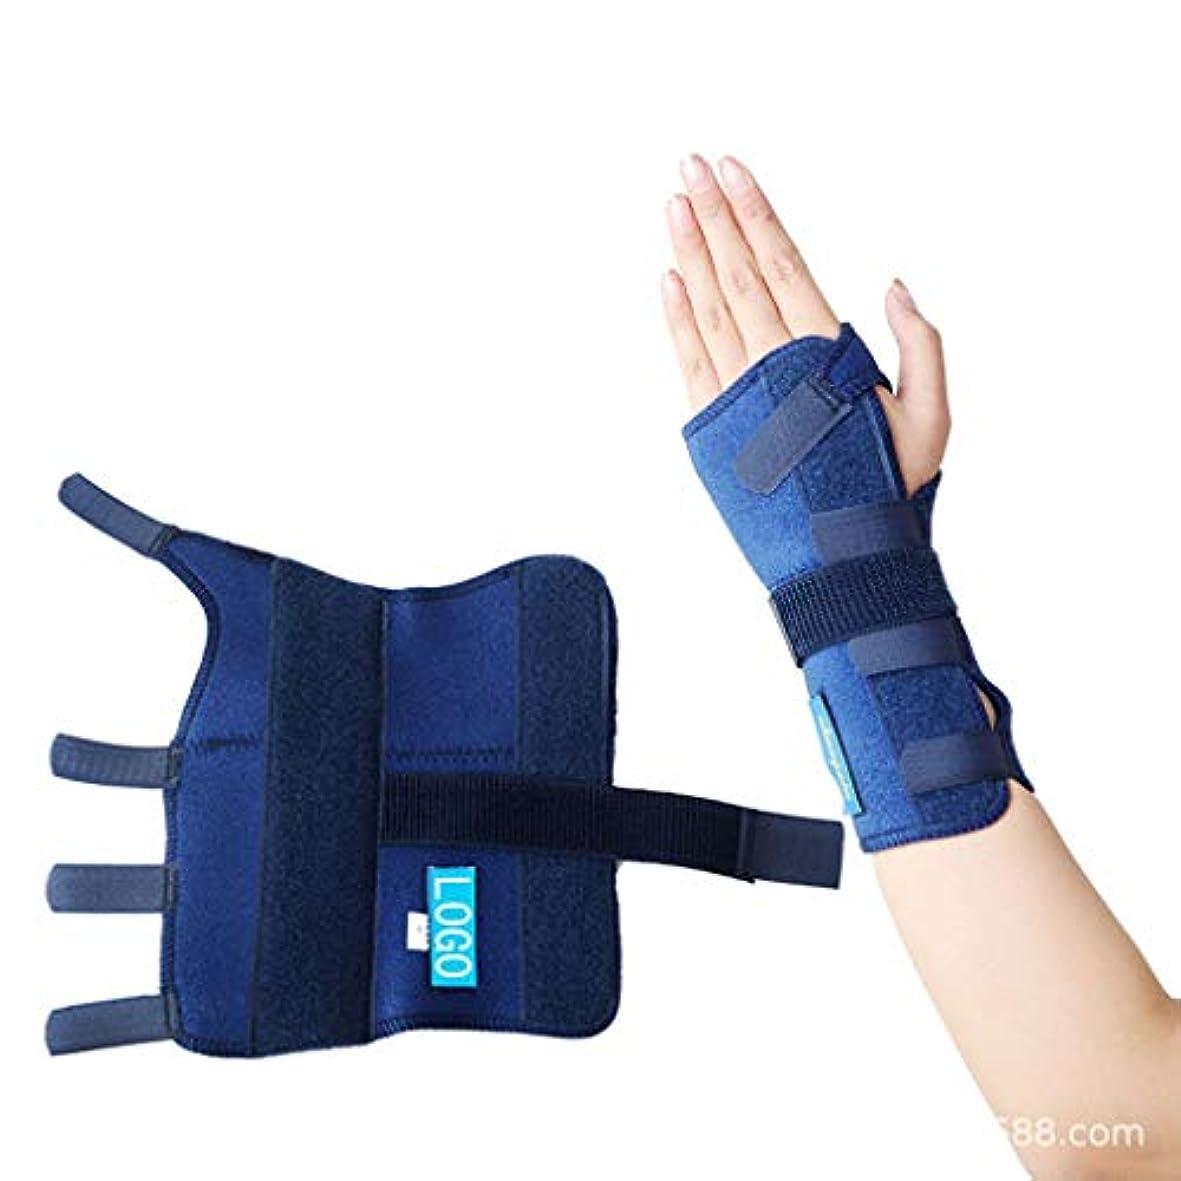 事実上放置振る舞うレリーフブレースコレクター親指手首傷害回復スプリント指セパレーター手矯正手根管関節痛リリーフコレクター指スプリント,Bluerighthand,XL